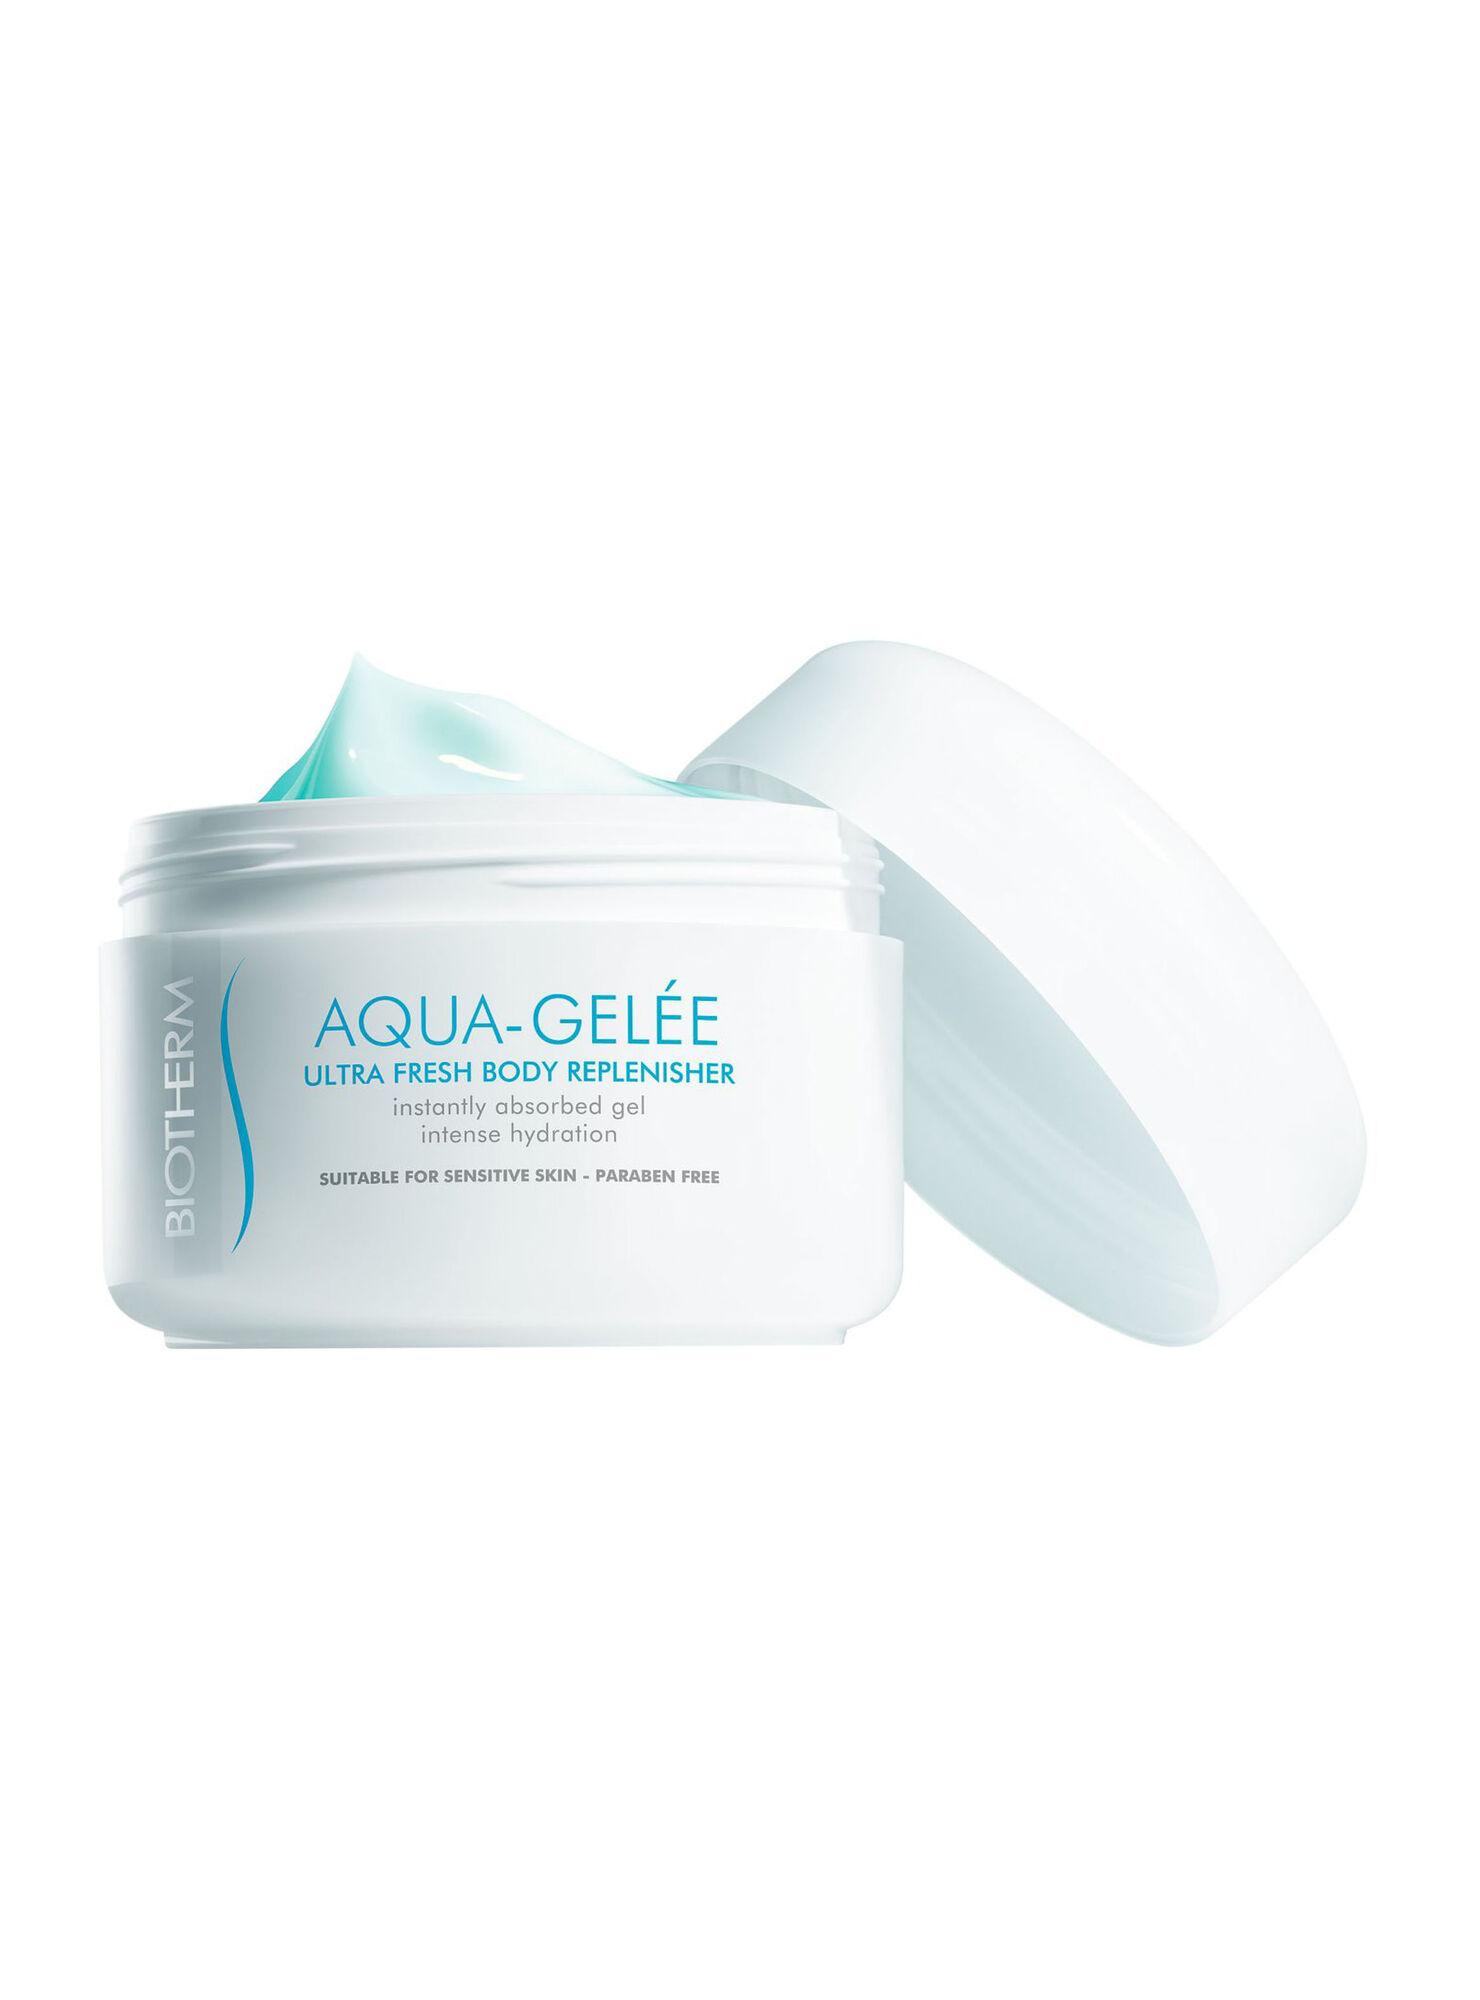 biother-aqua-gelee